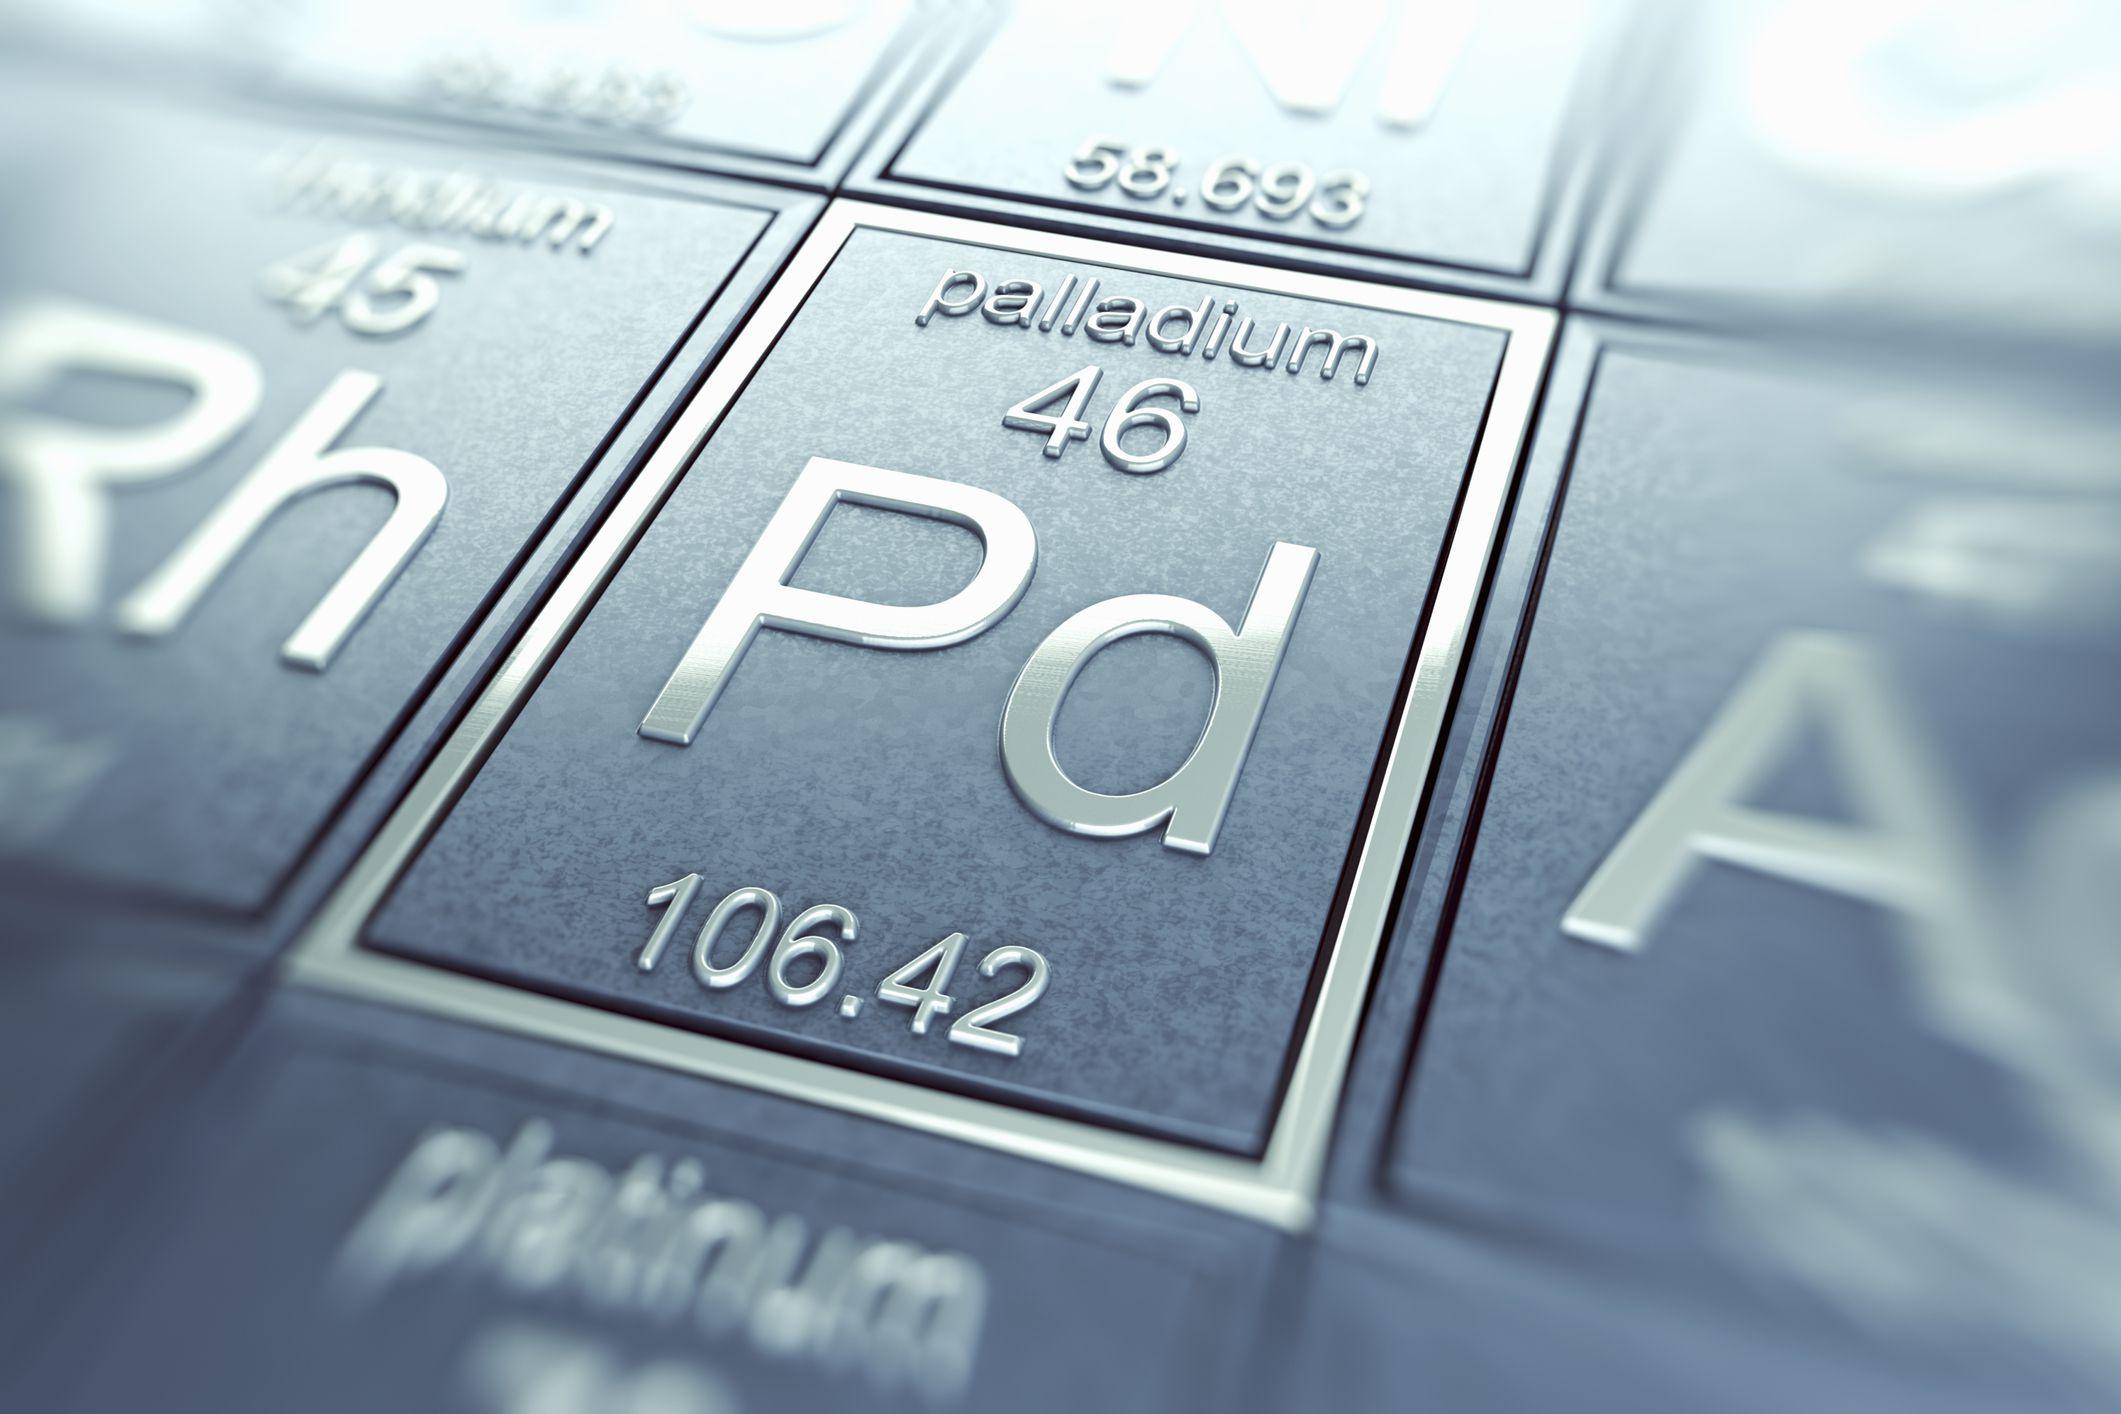 از کاربردهای فلز گرانبهای پالادیوم چه می دانید؟ | نشریه علمی جهان شیمی فیزیک